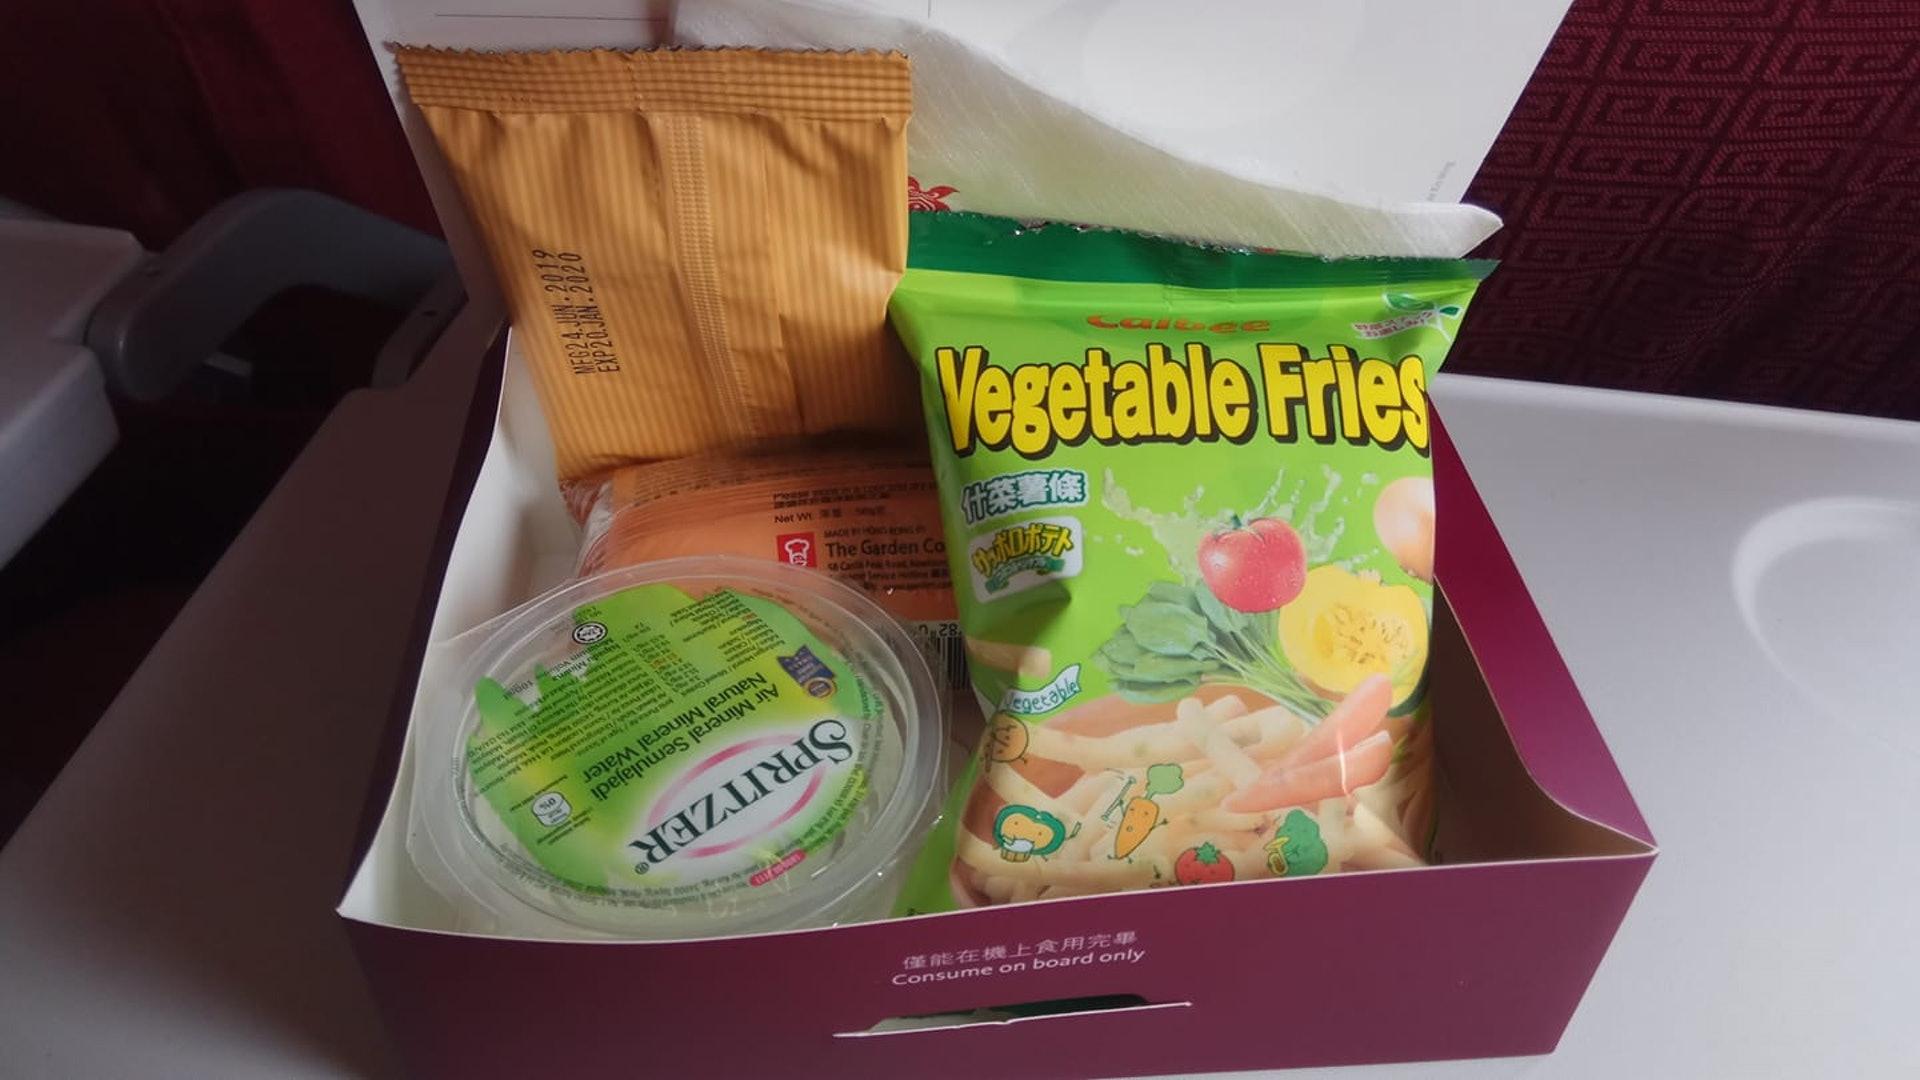 樓主本以為機上提供的餐點是常見的熱食飯餐,但今次竟然送上零食盒,內有餅乾、瑞士卷、薯條及一杯水,令他感到無奈。(fb群組「中伏飲食報料區」圖片)